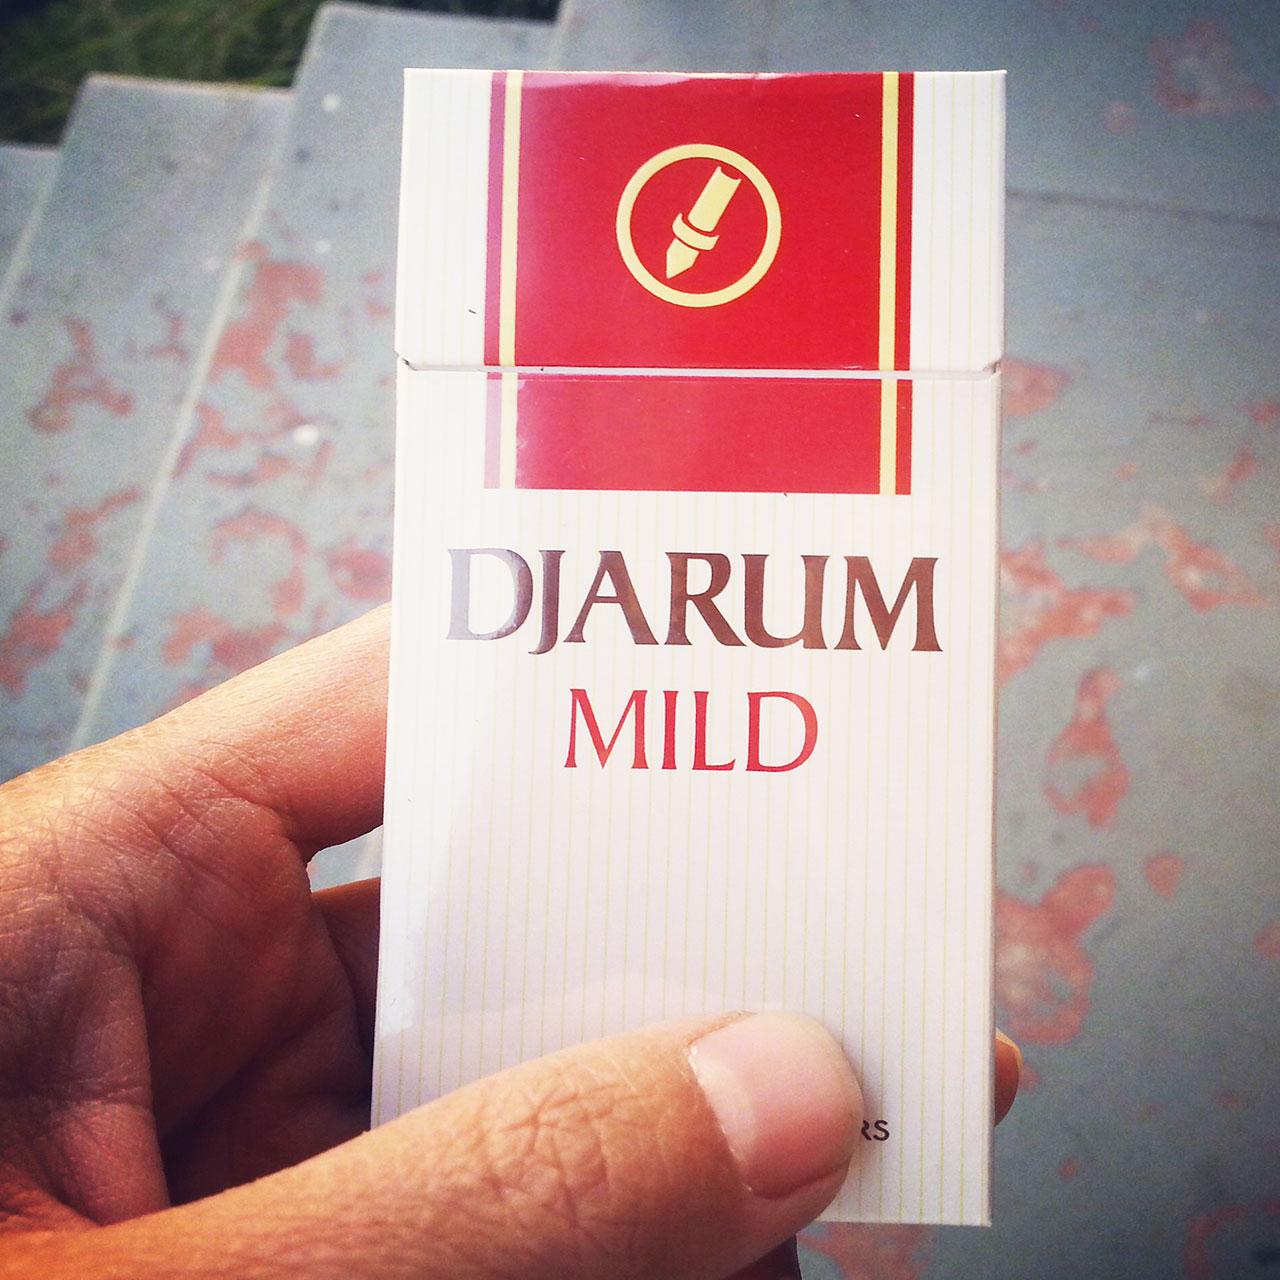 Djarum Mild